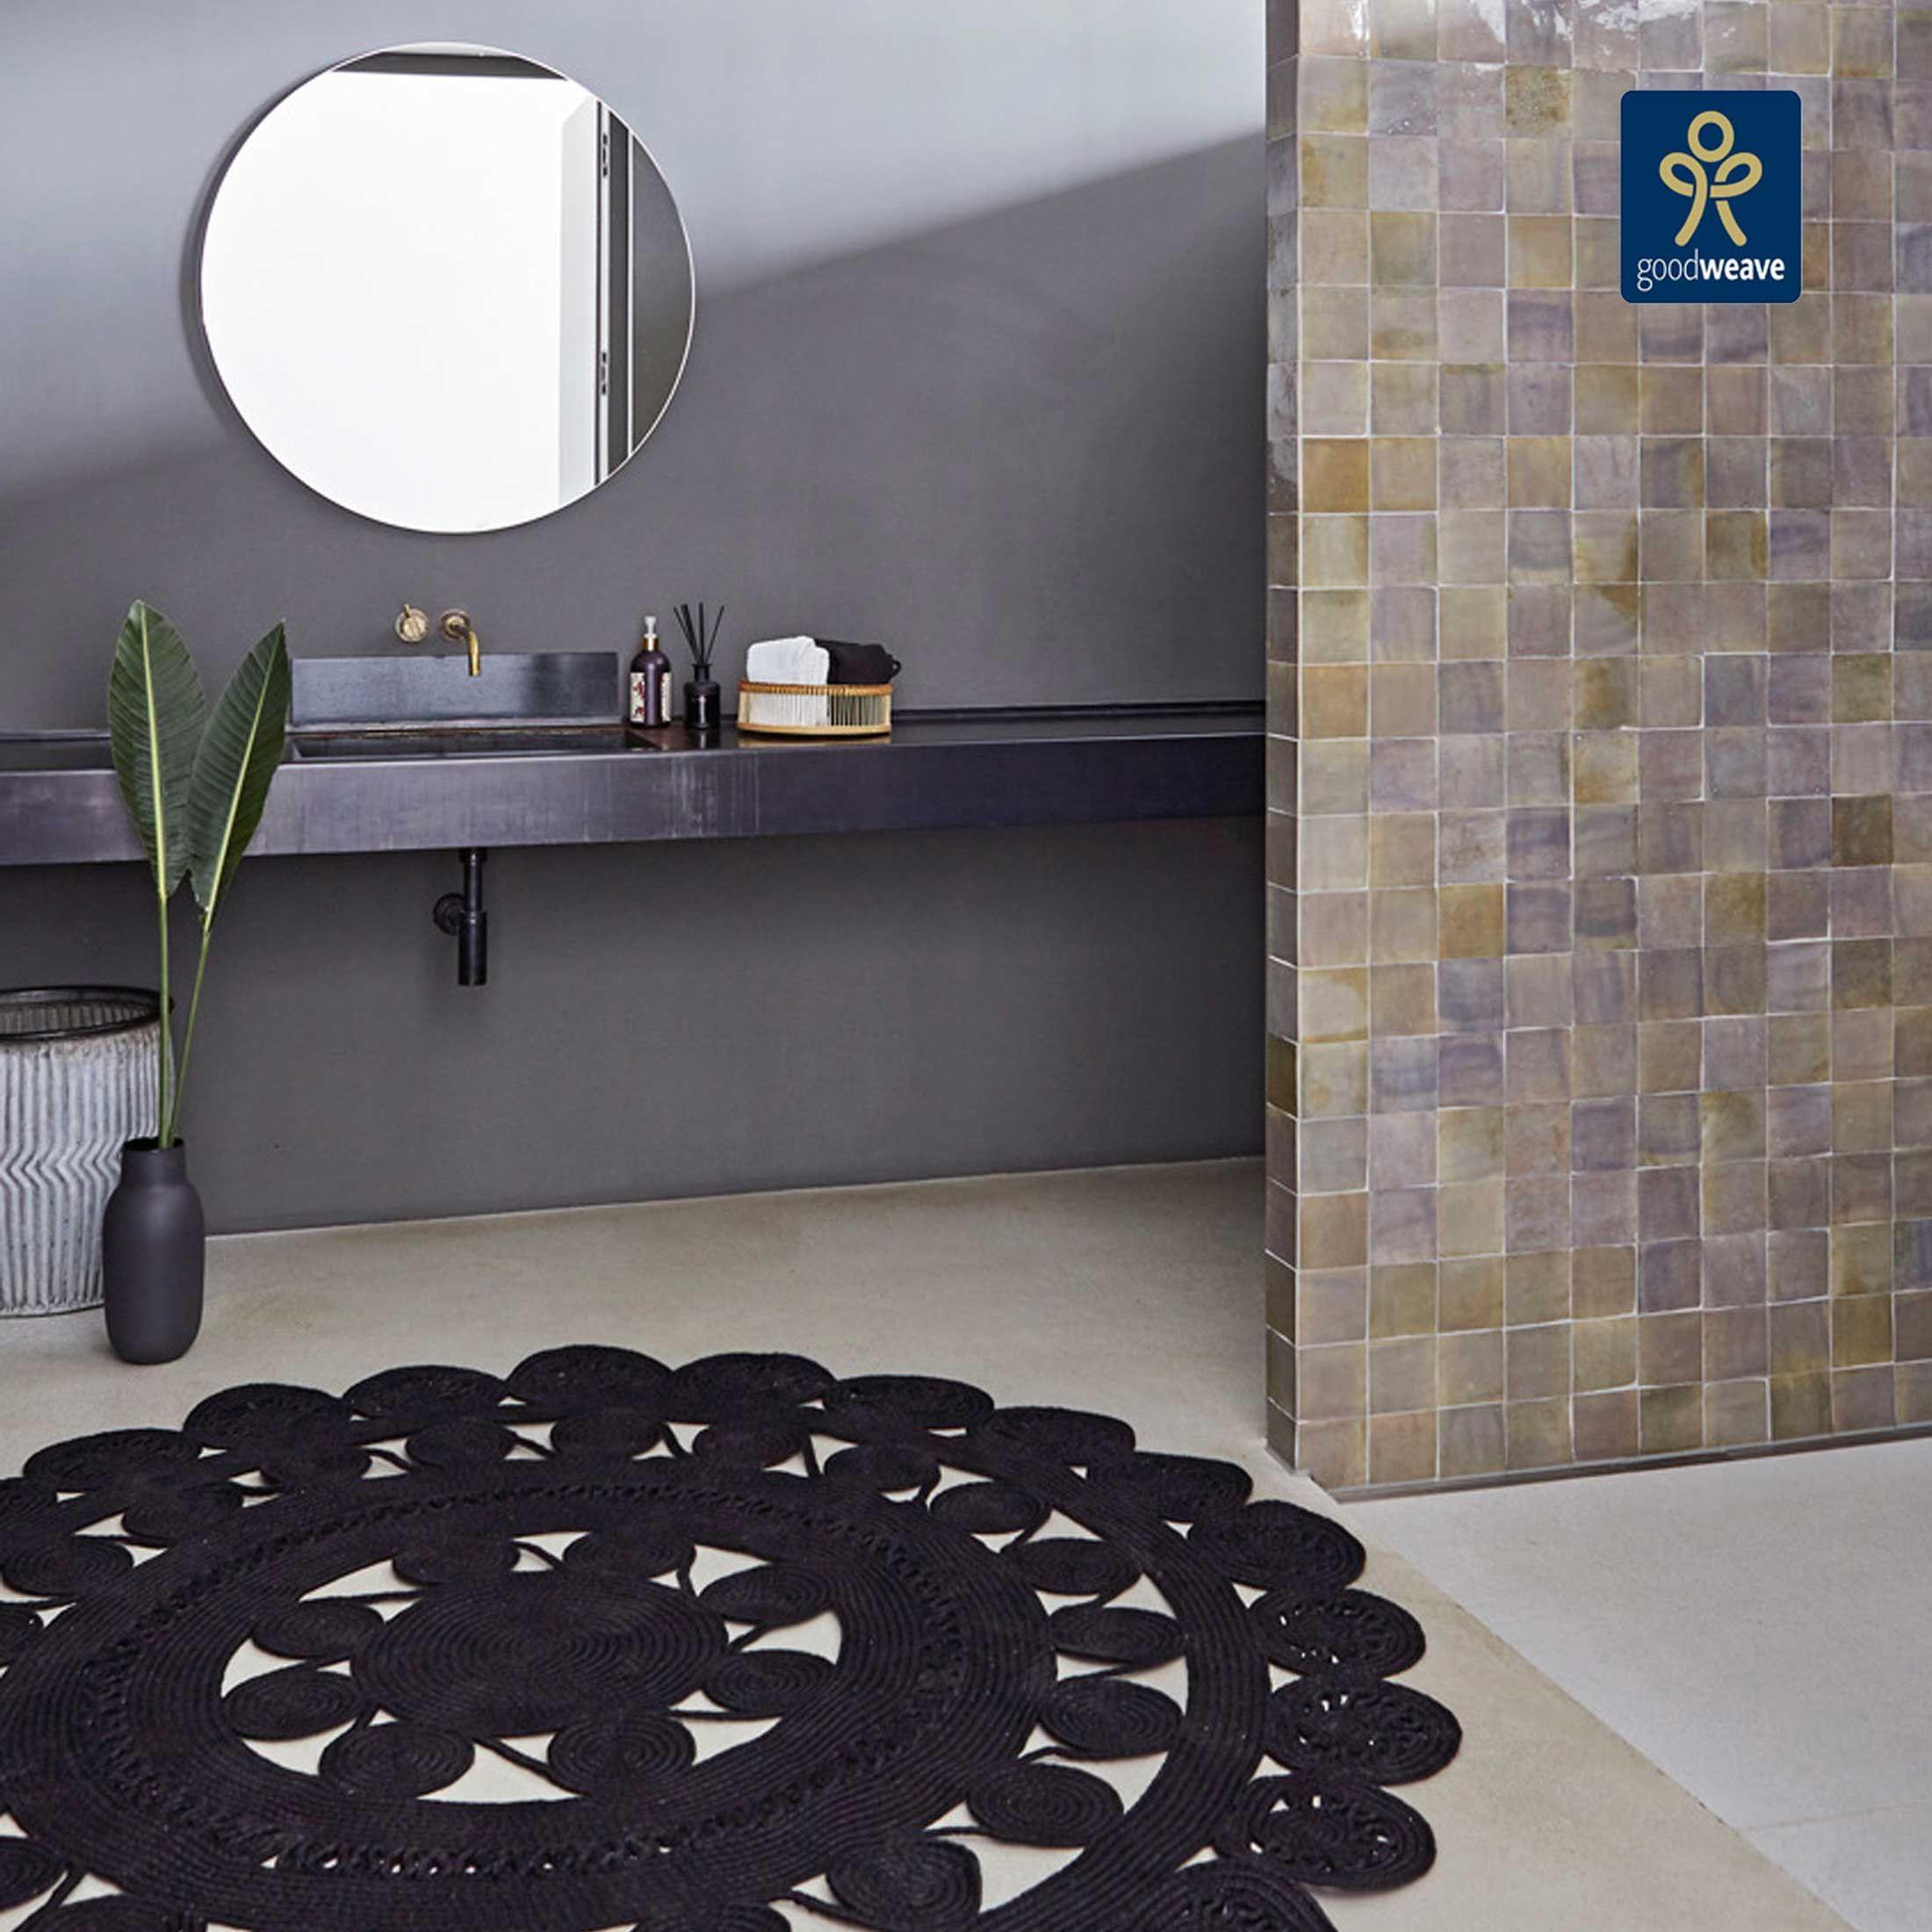 Mandala Outdoor Teppich Aus Recyceltem Pet 200 Cm Runder Teppich In 2020 Outdoor Teppich Teppich Design Mandala Teppich